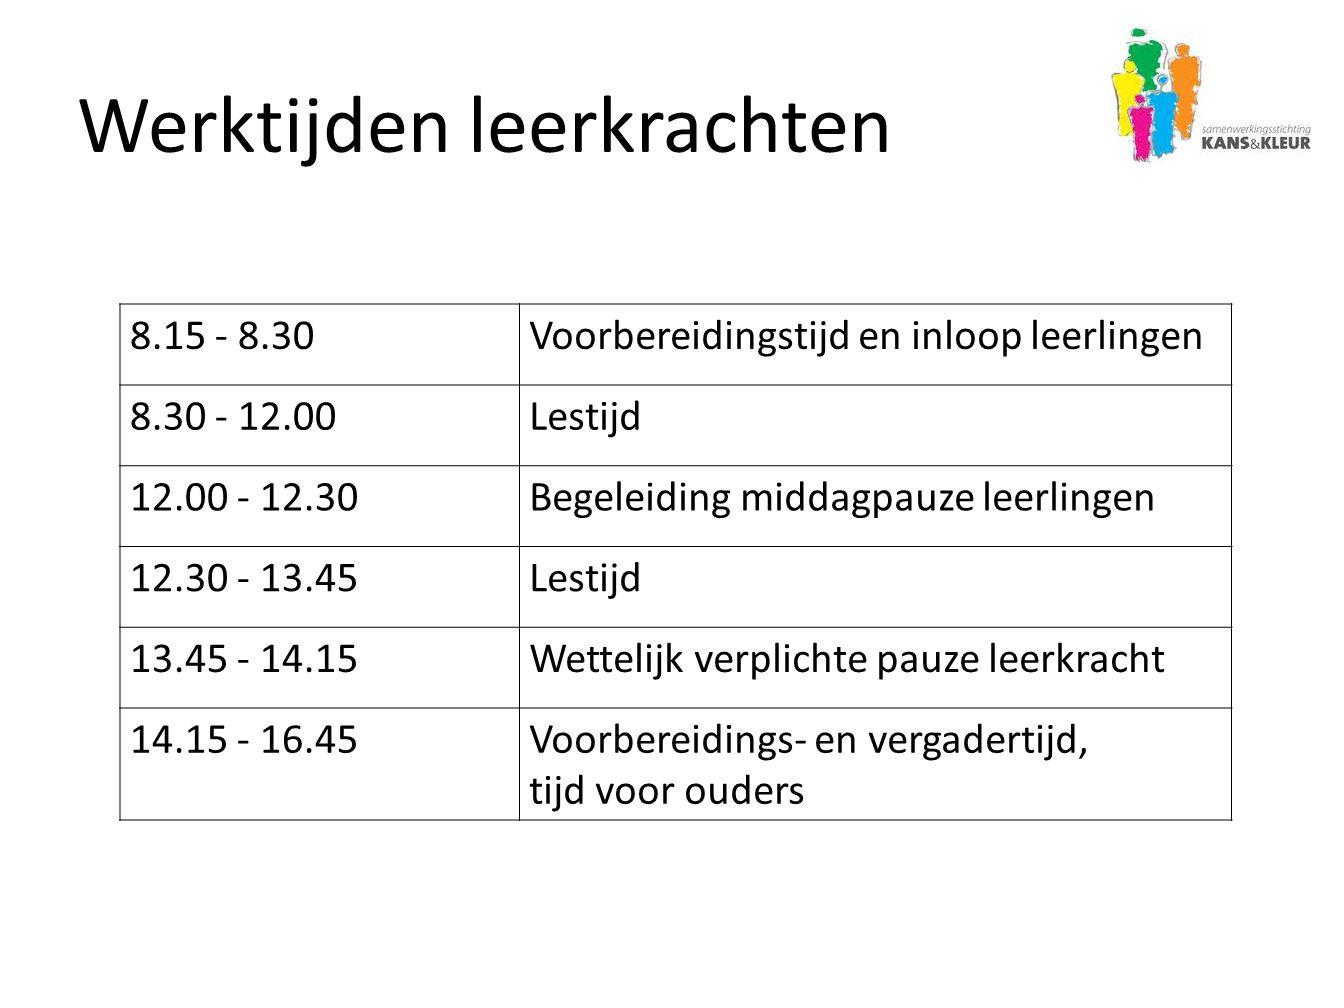 Werktijden leerkrachten 8.15 - 8.30Voorbereidingstijd en inloop leerlingen 8.30 - 12.00Lestijd 12.00 - 12.30Begeleiding middagpauze leerlingen 12.30 -